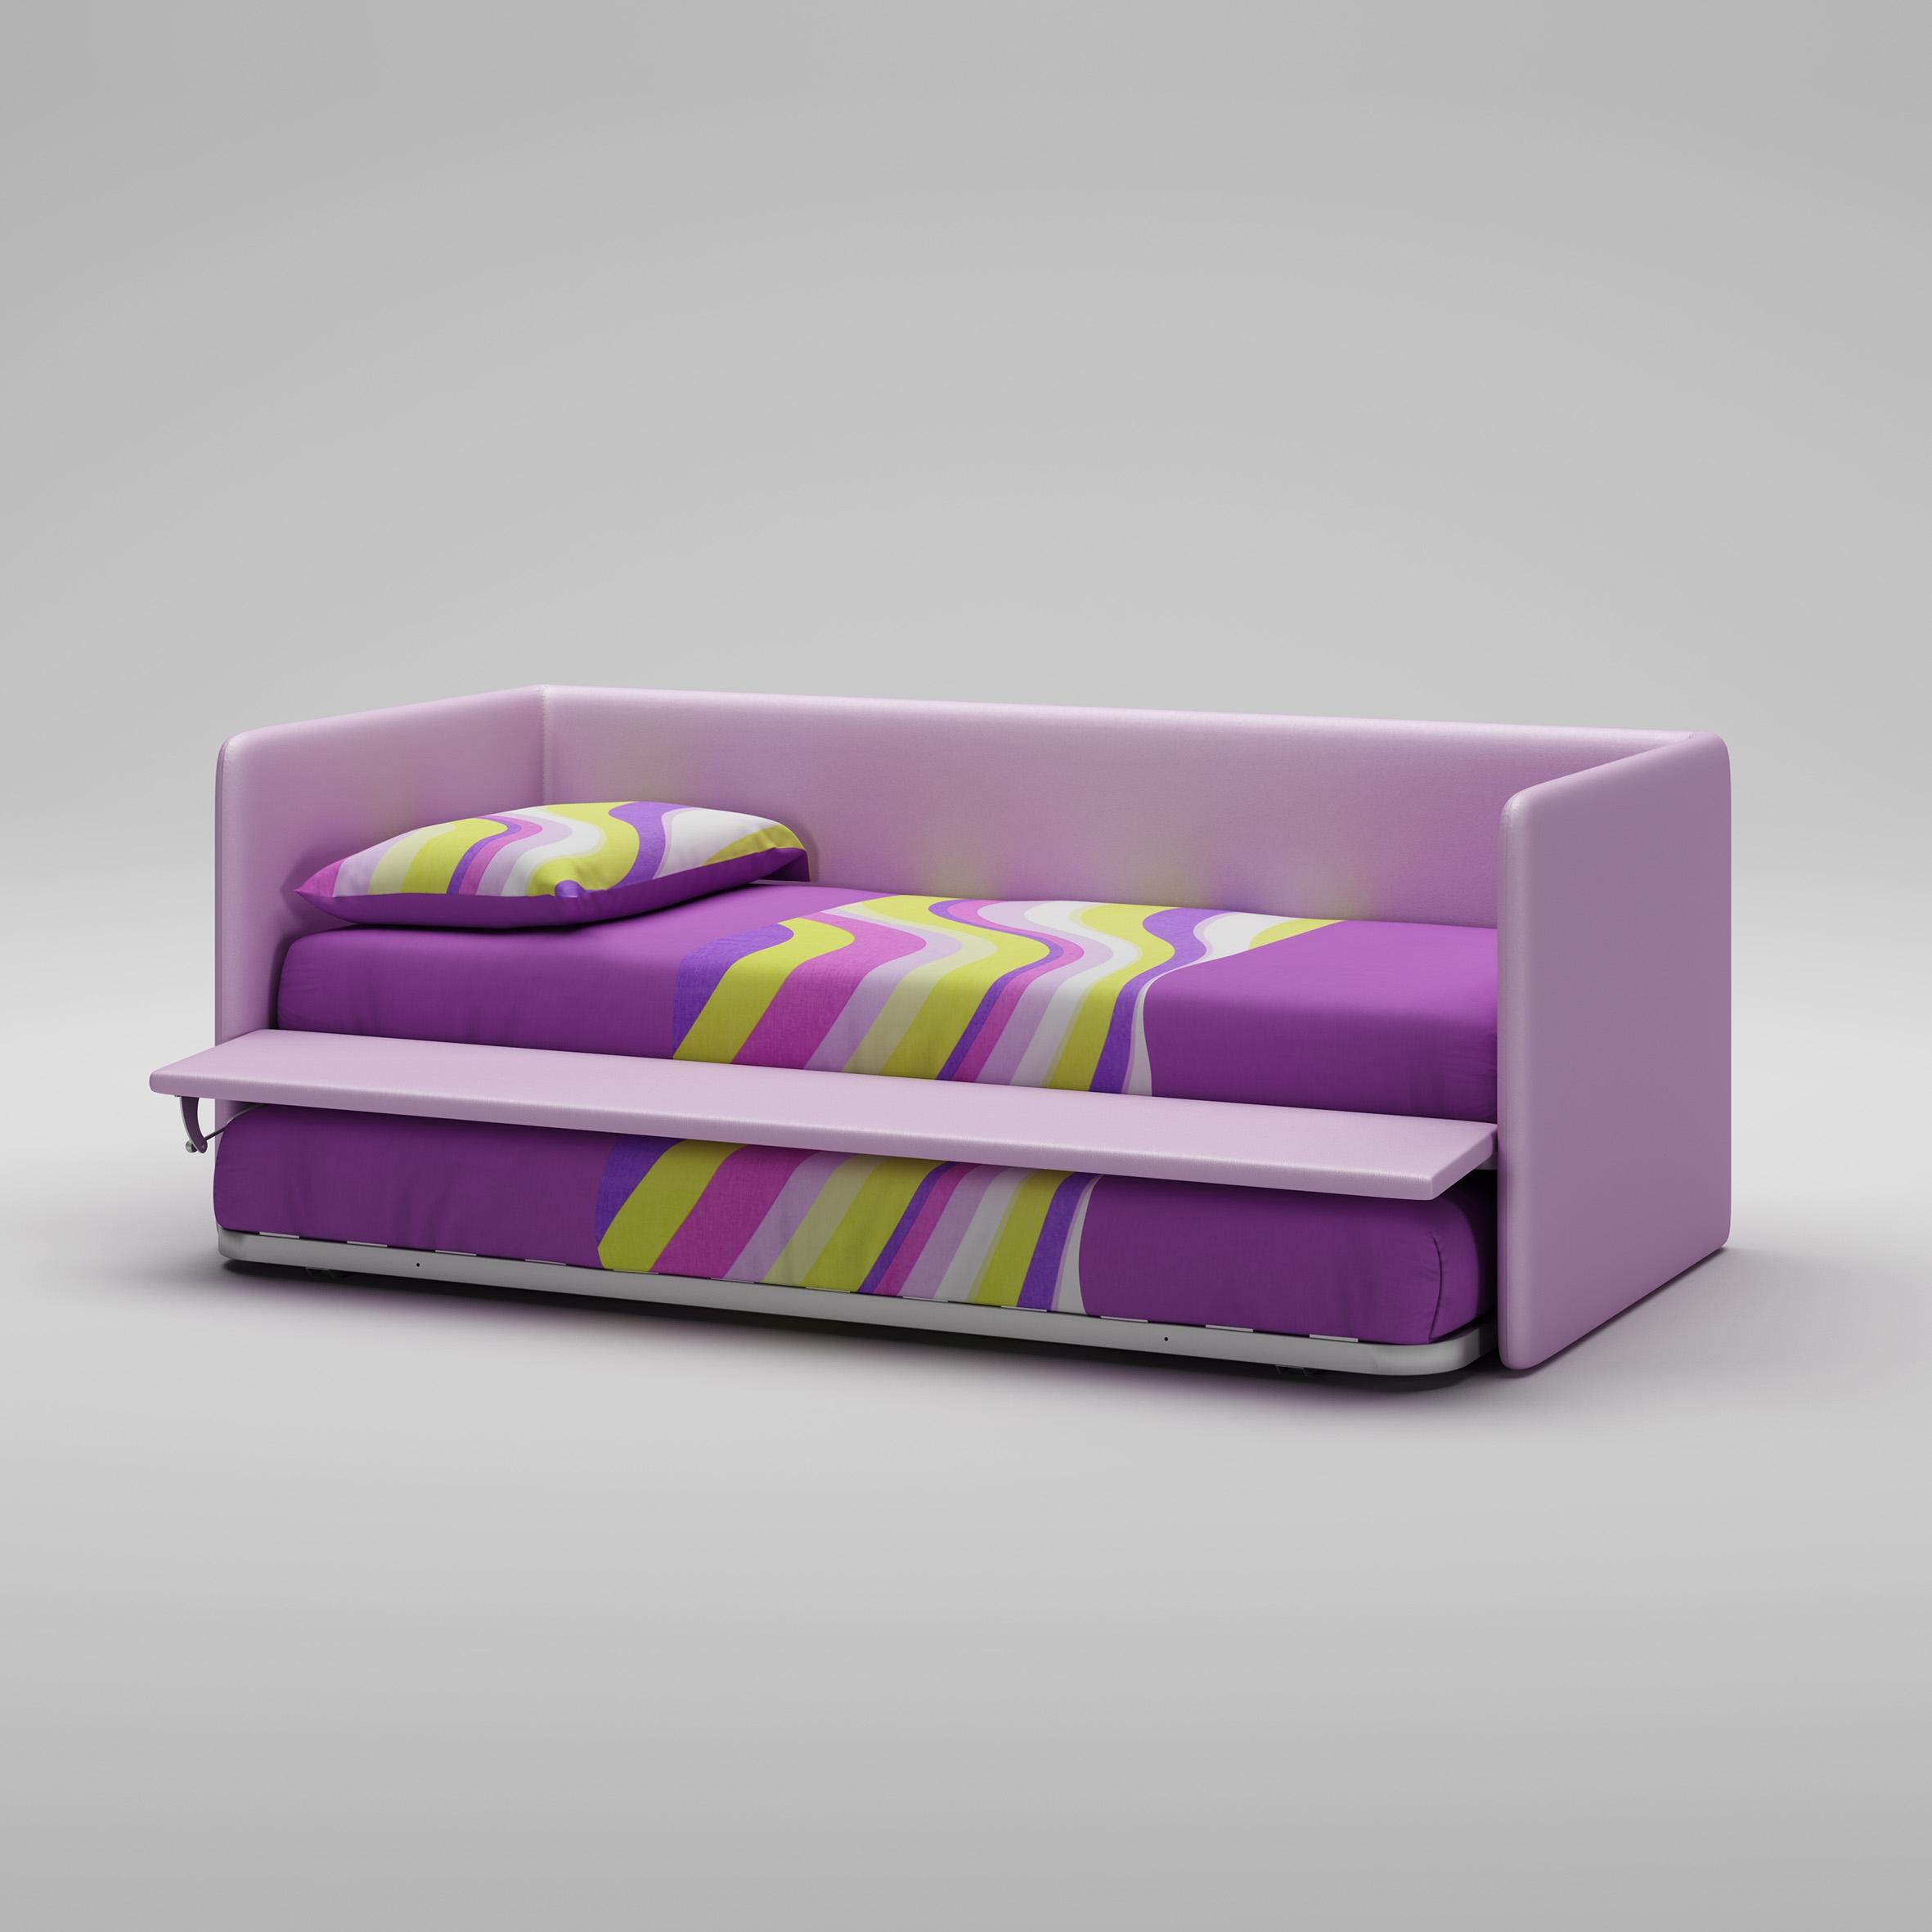 lit canap en imitation cuir couleur lila moretti compact so nuit. Black Bedroom Furniture Sets. Home Design Ideas